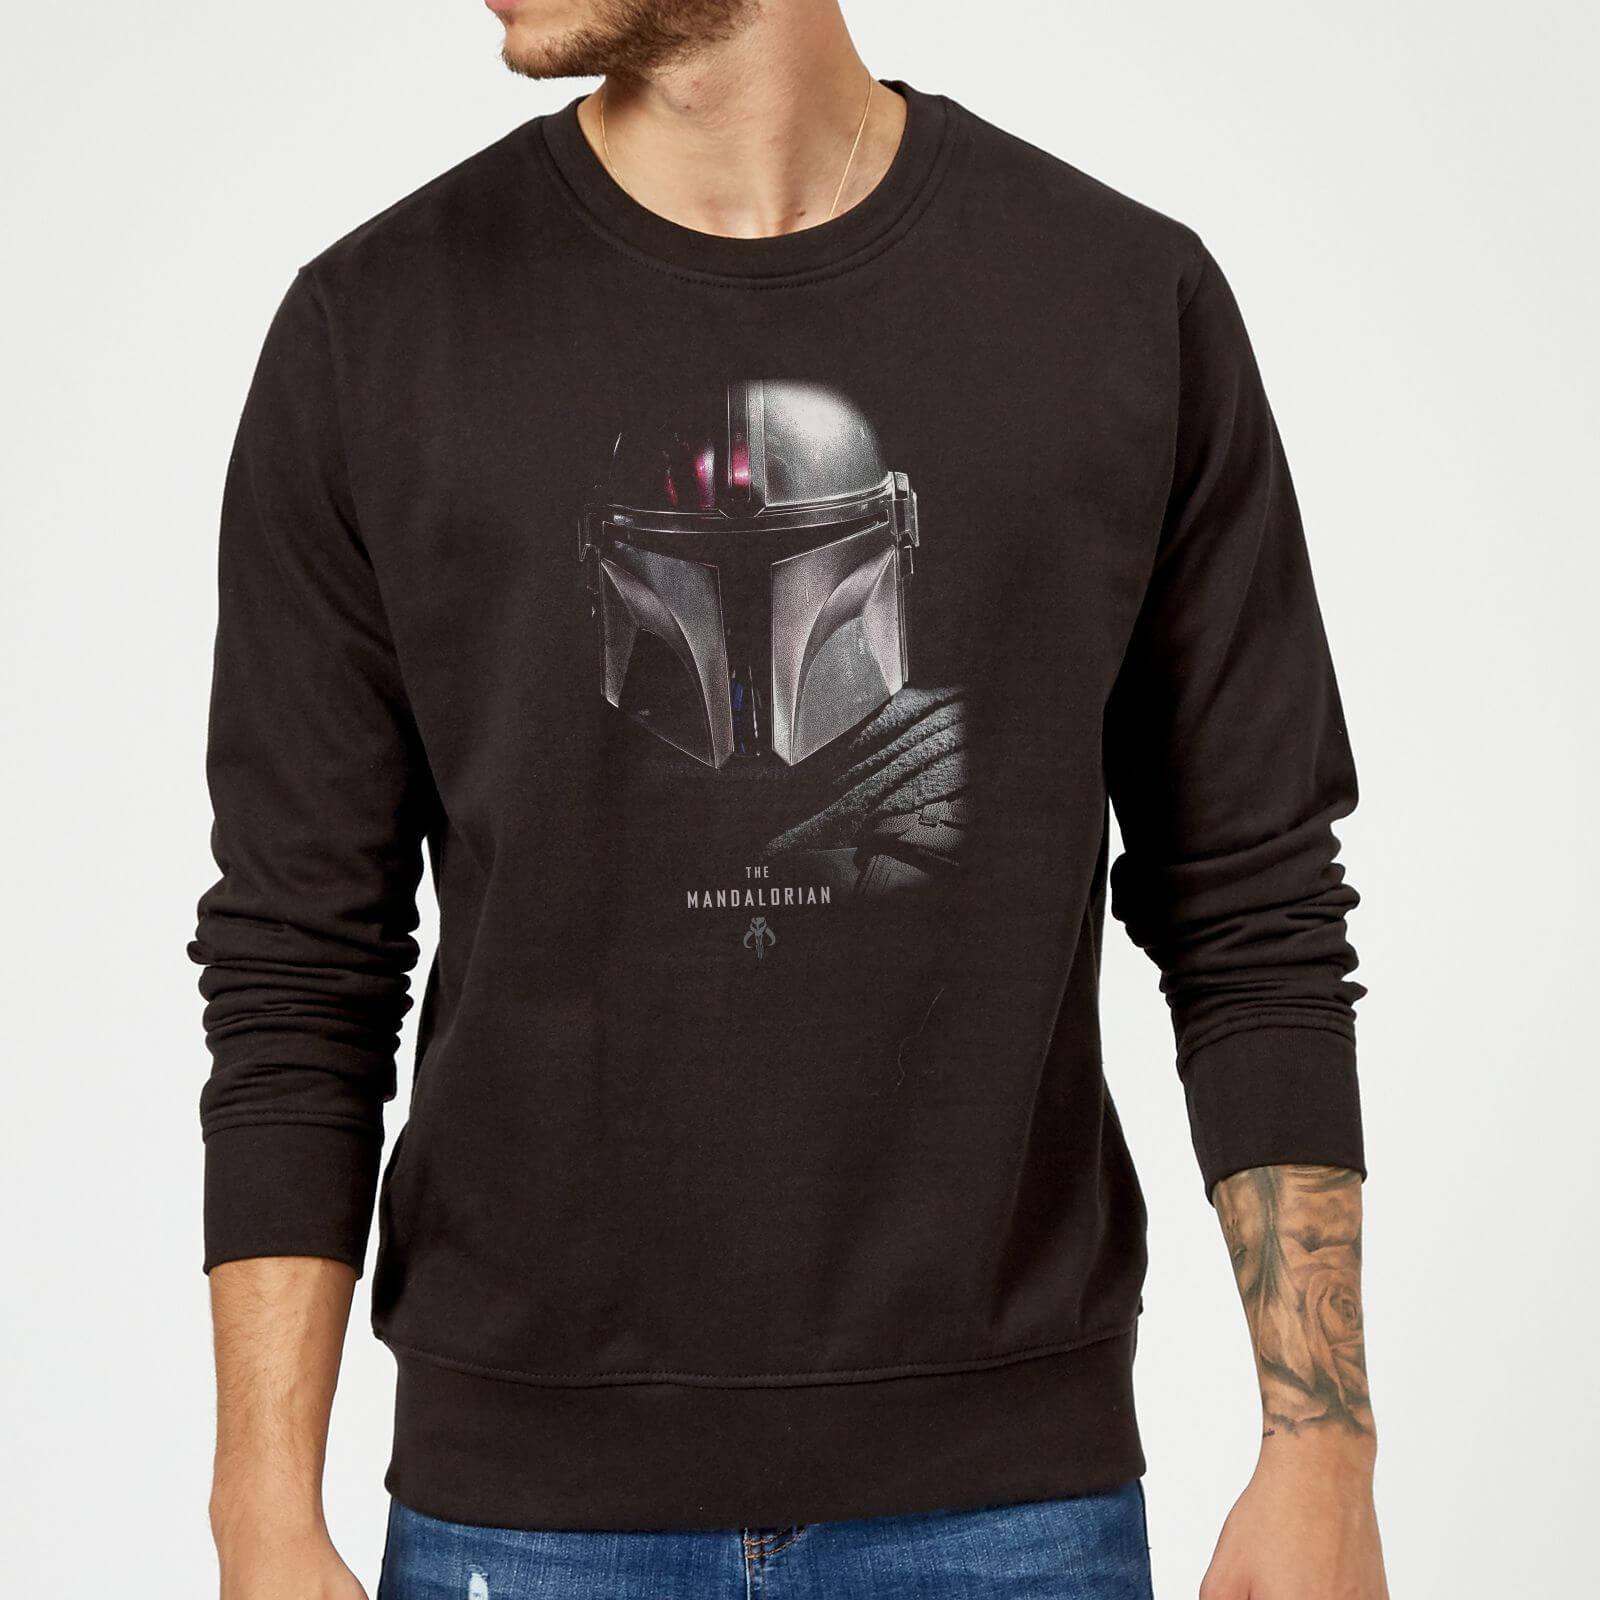 40% korting op sweatshirts van bekende franchises